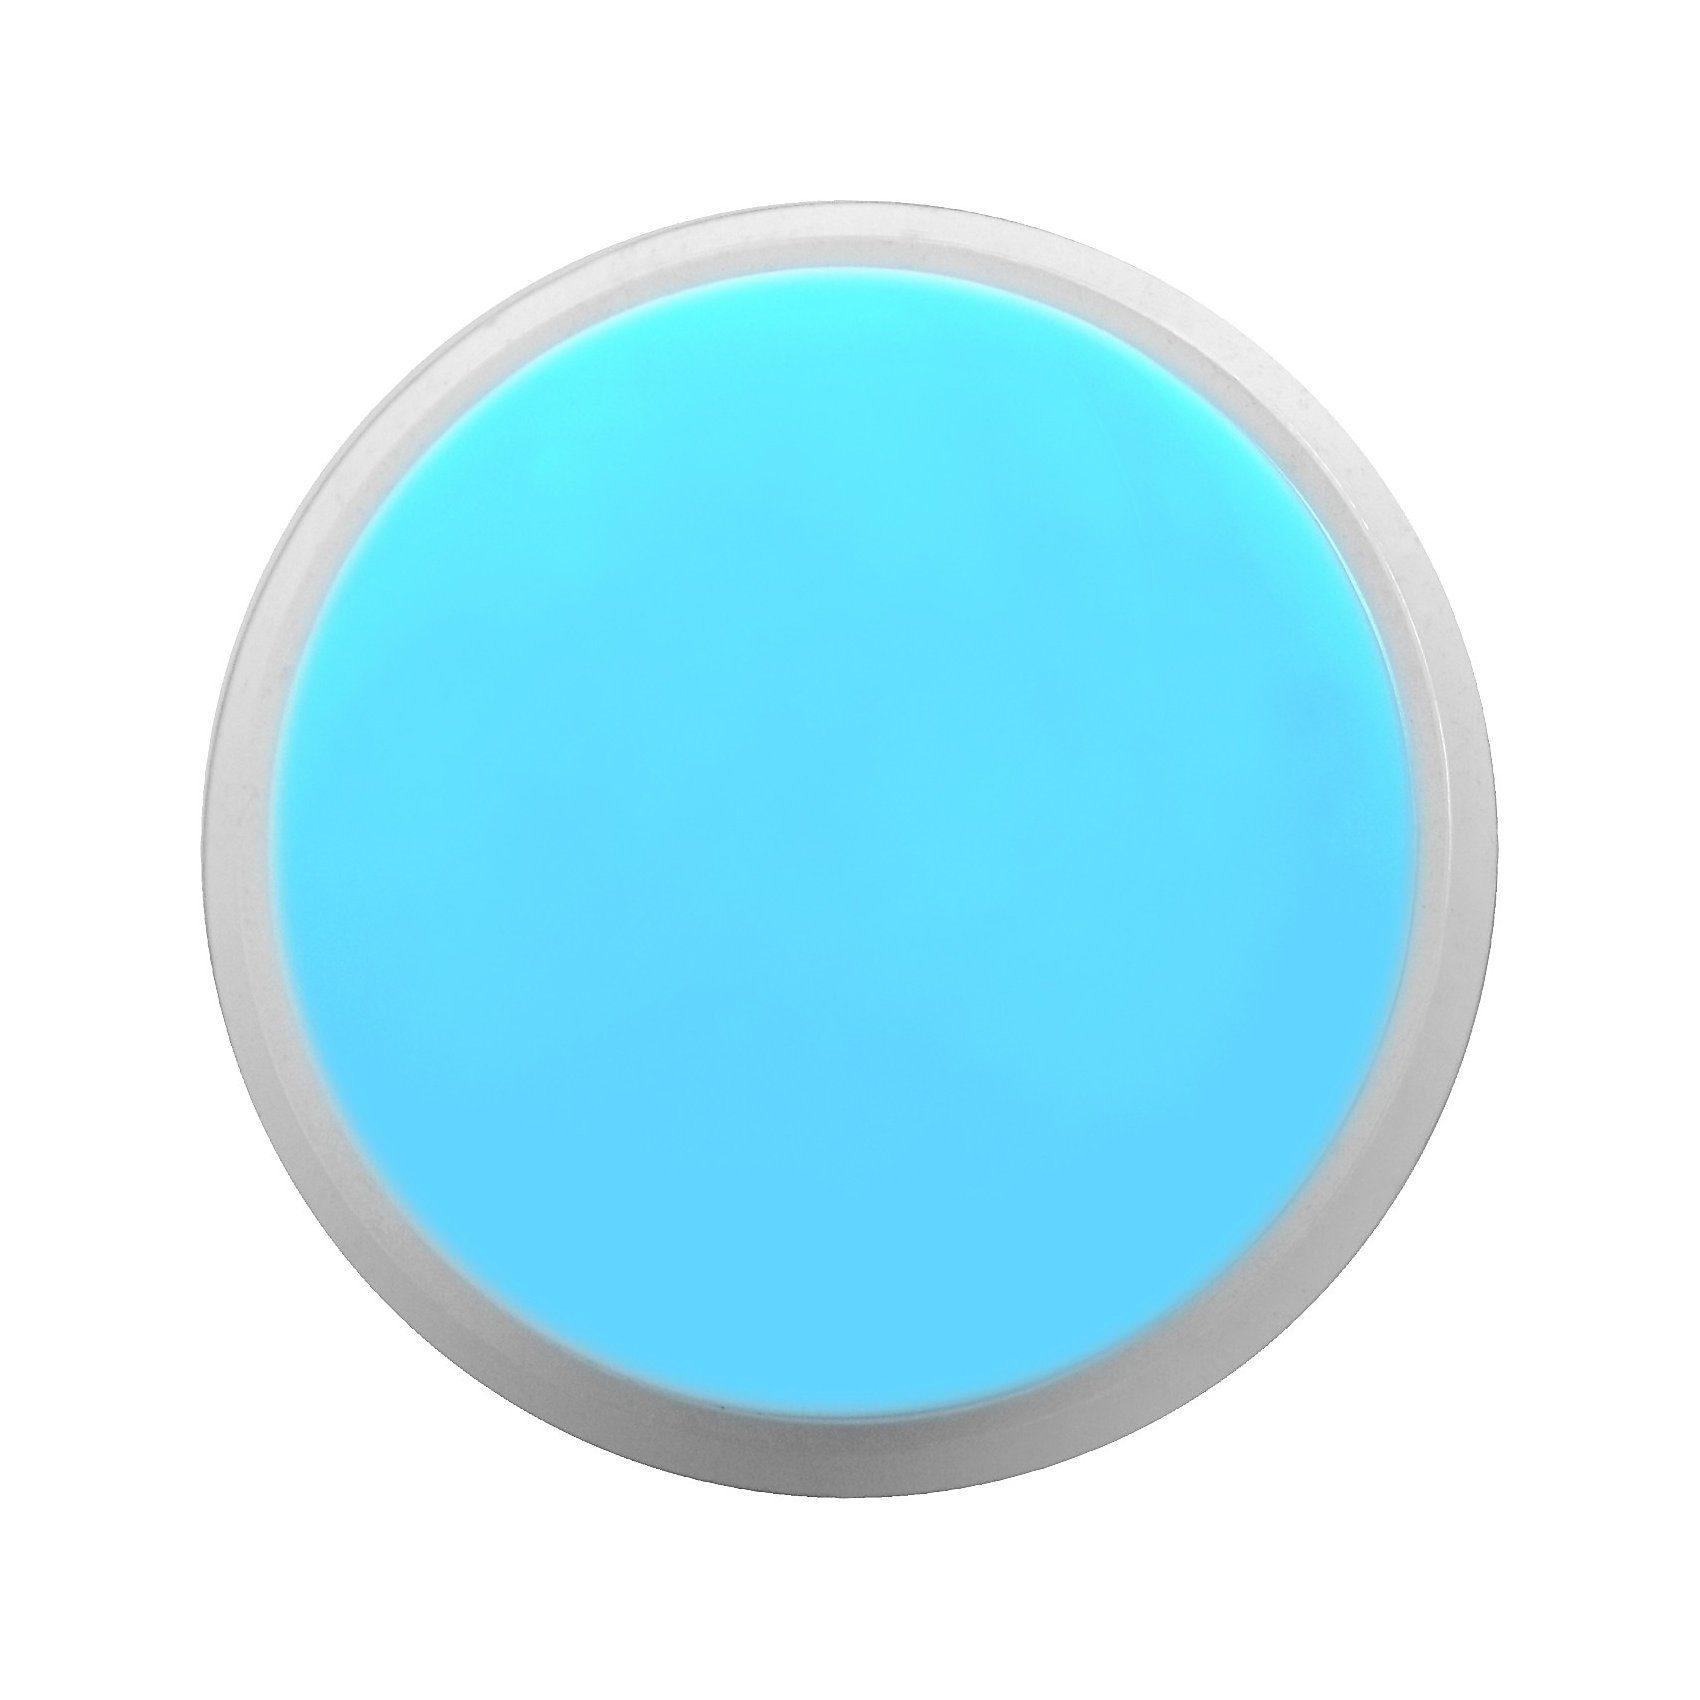 H + H babyruf Nachtlicht NL 51, blau